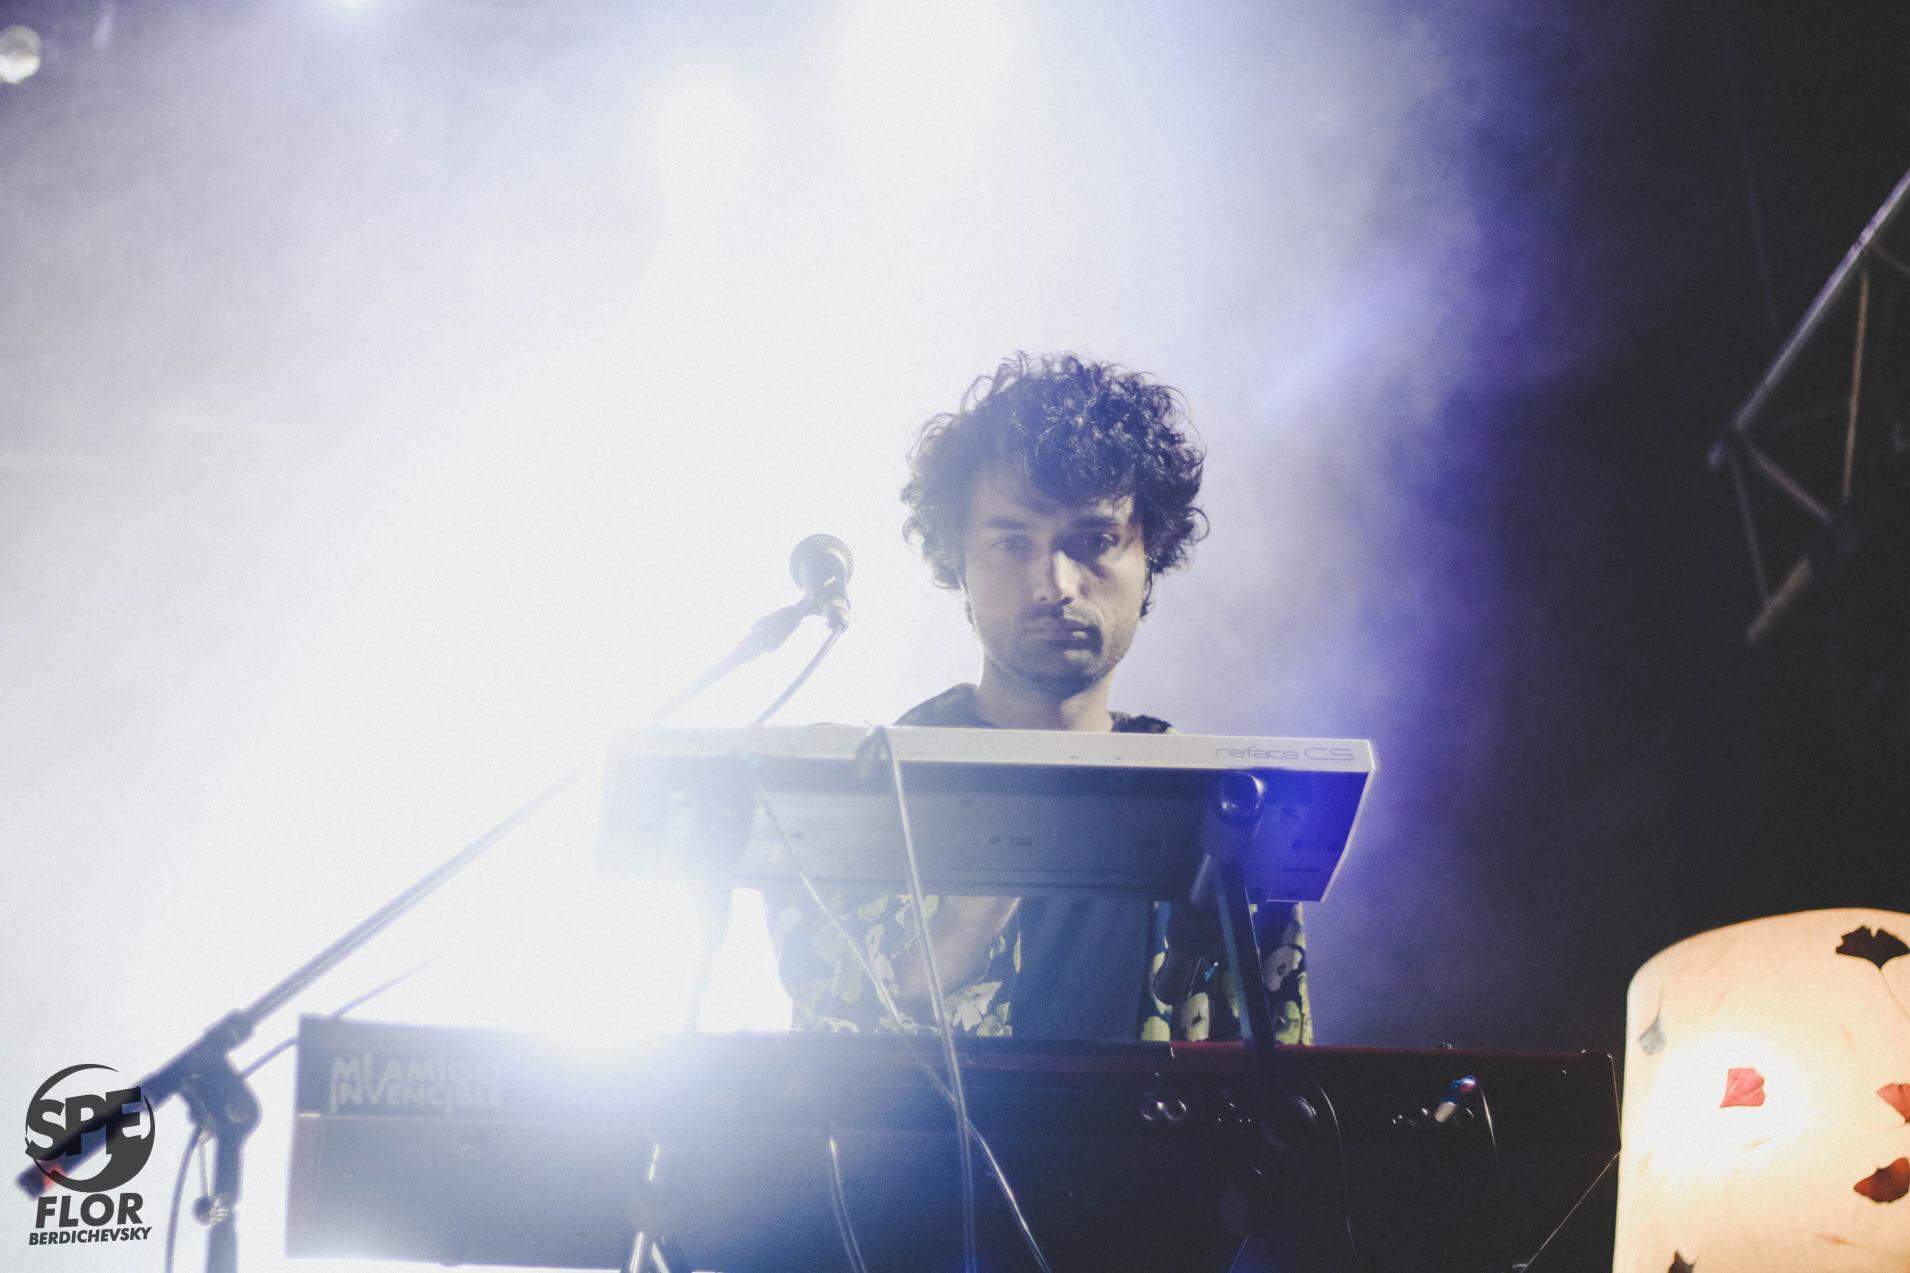 La banda Mi Amigo Invencible participa del Festival Futurock en el estadio Malvinas Argentinas, el 28 de Septiembre de 2019. El festival estuvo organizado por la radio Futurock. Foto de: Florencia Berdichevsky